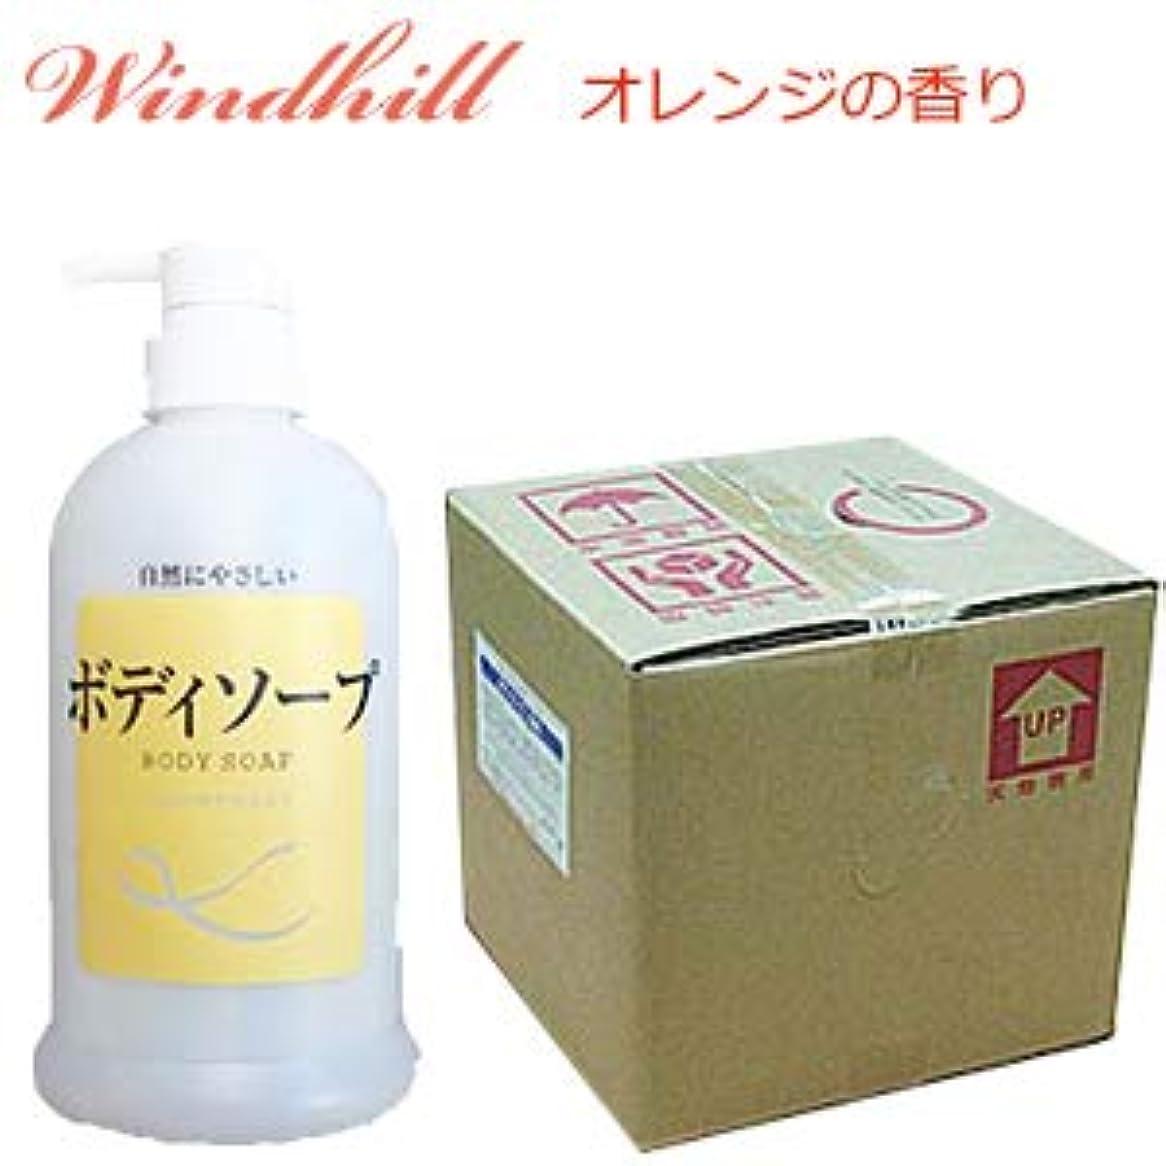 害虫絞る規則性Windhill 植物性 業務用ボディソープオレンジの香り 20L(1セット20L入)